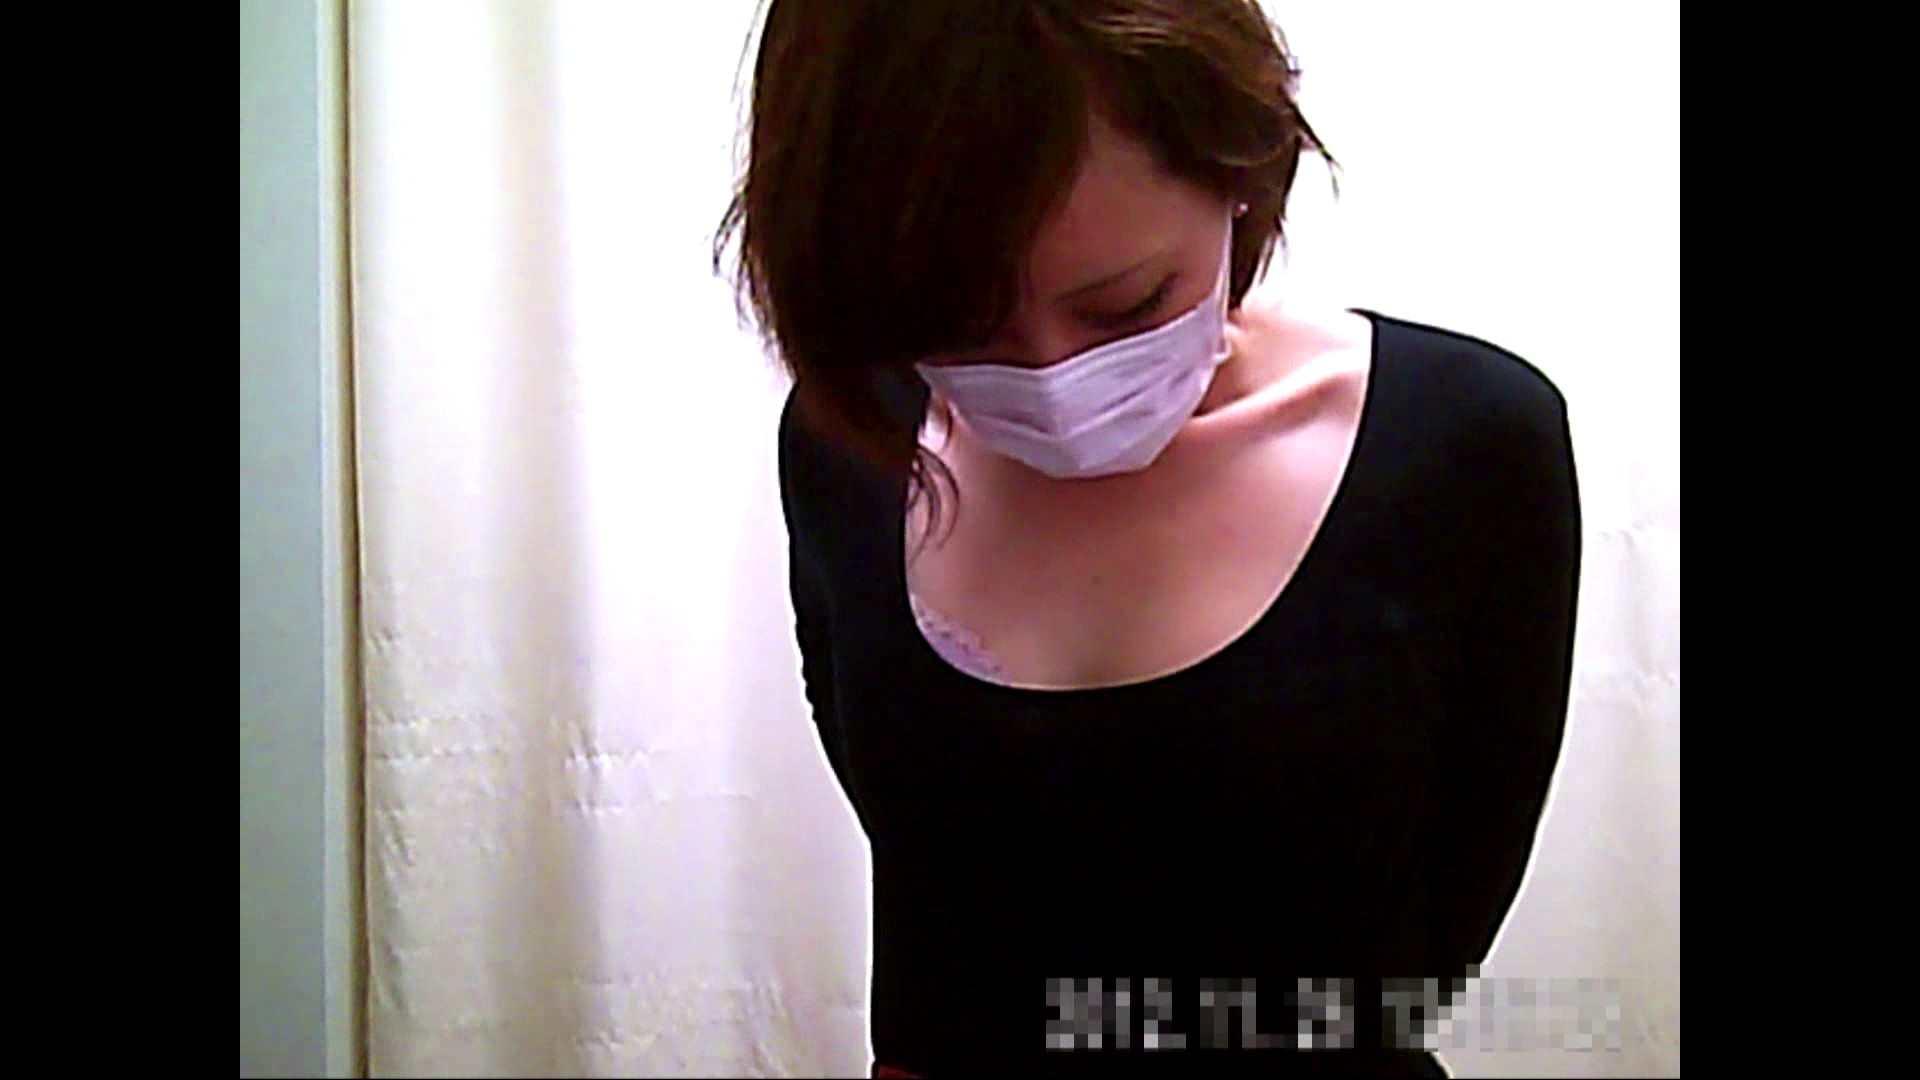 病院おもいっきり着替え! vol.159 巨乳 盗み撮りAV無料動画キャプチャ 106画像 75